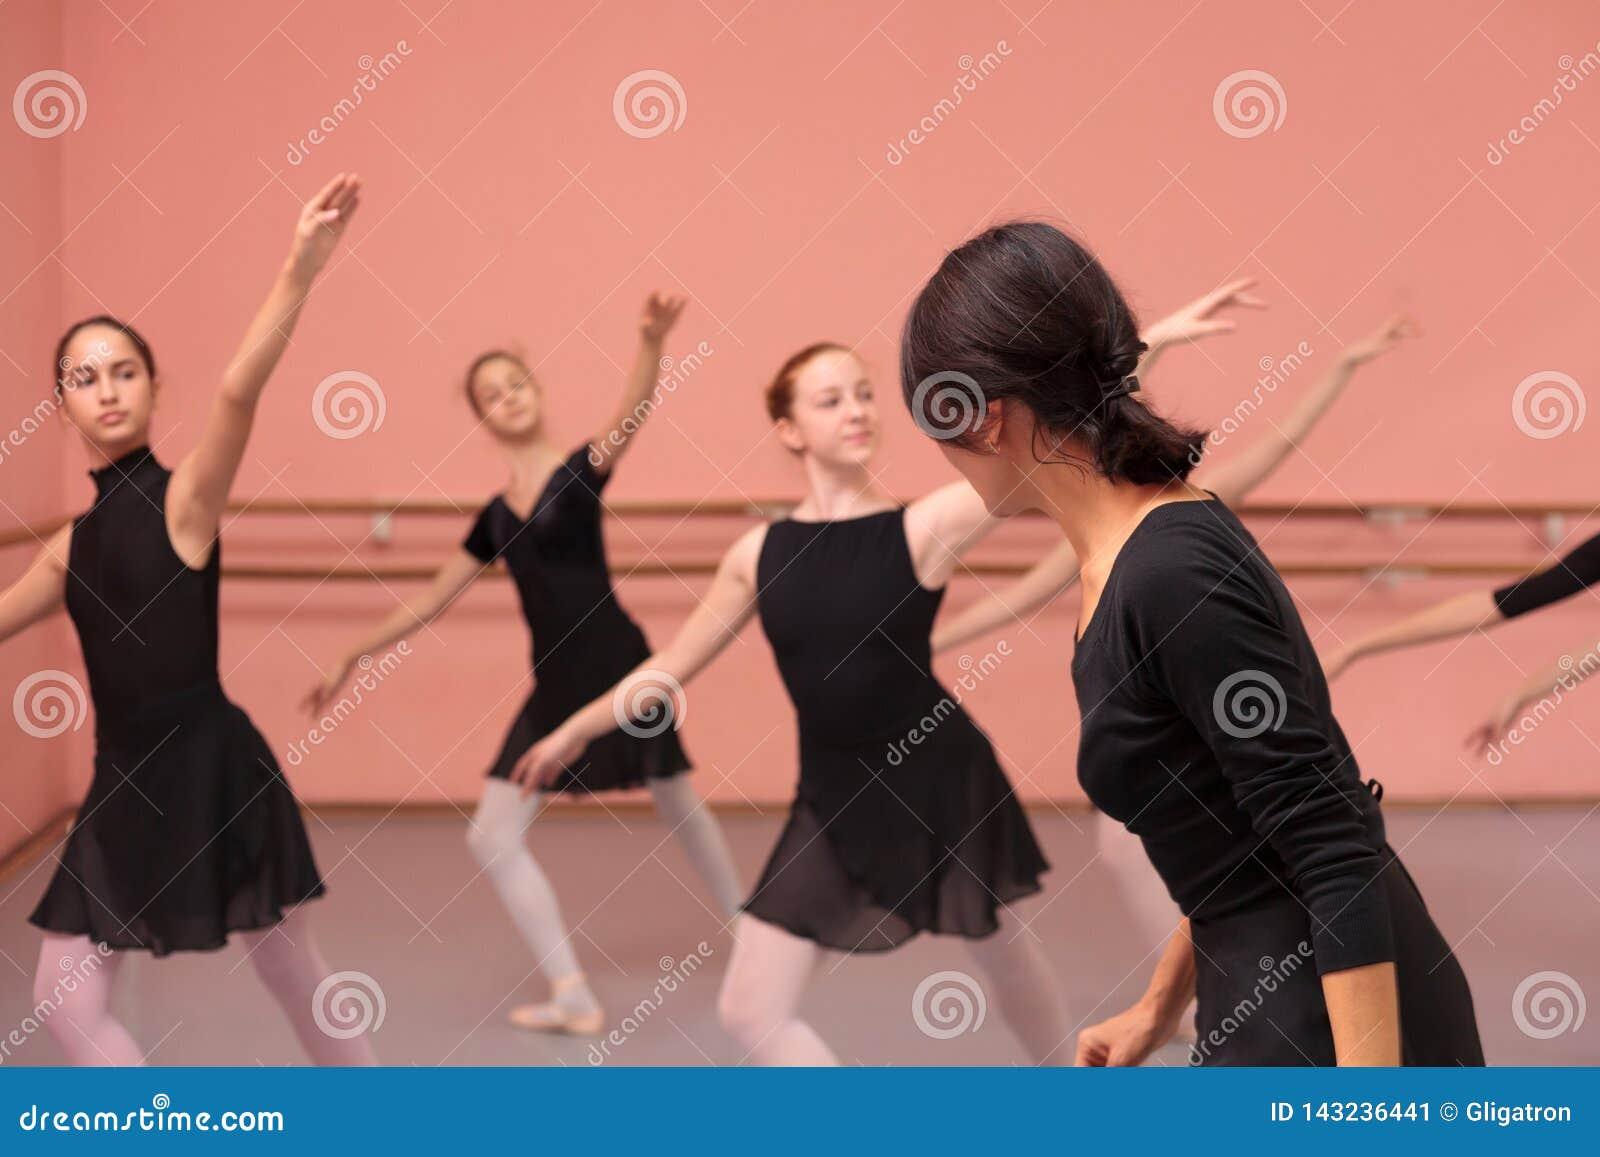 W połowie dorosłej kobiety nauczyciela instruowania środka baletnicza grupa nastoletnie dziewczyny